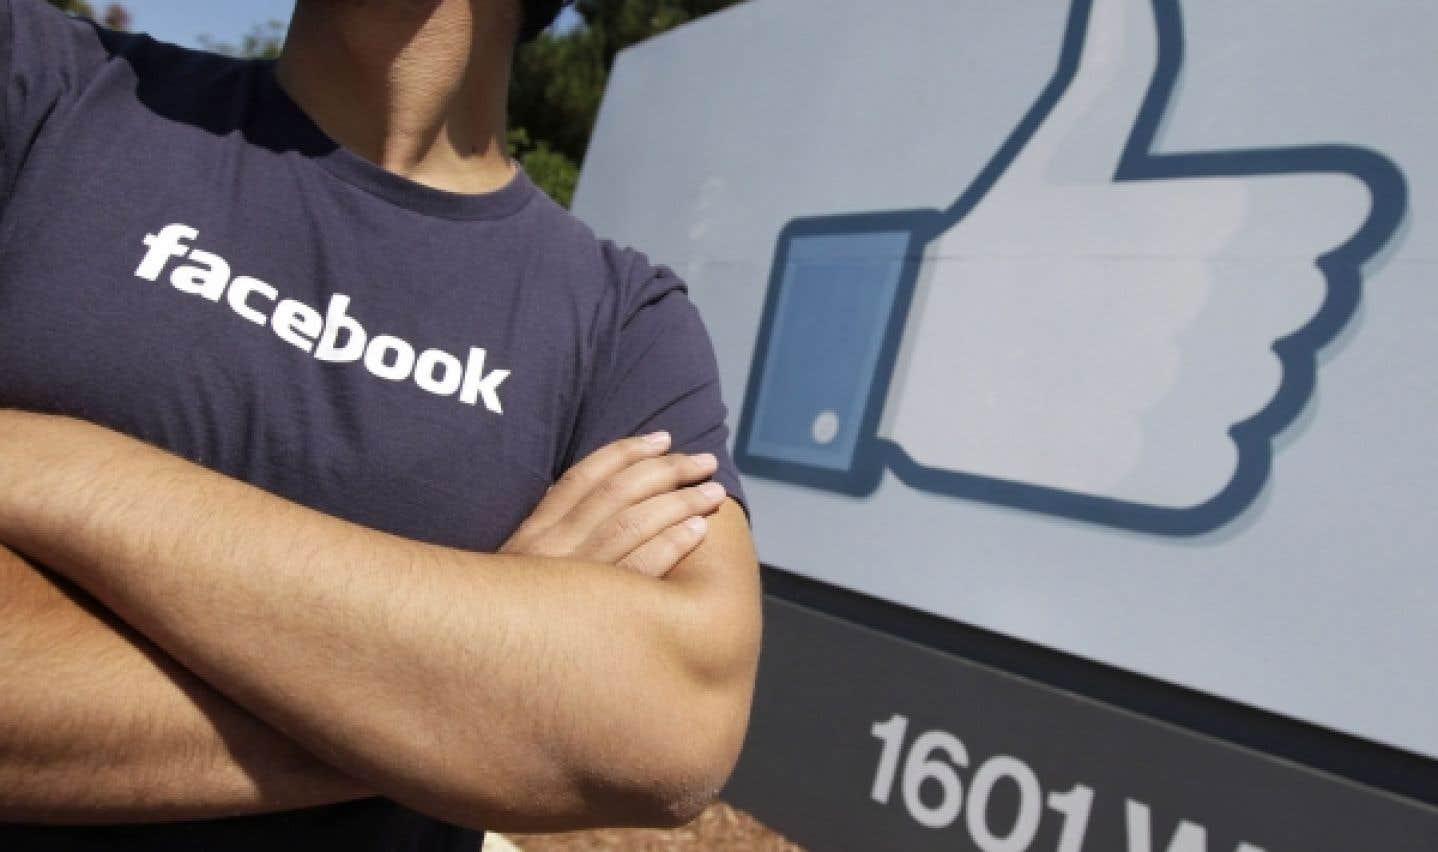 Facebook et l'intimité - La manne du contenu commandité